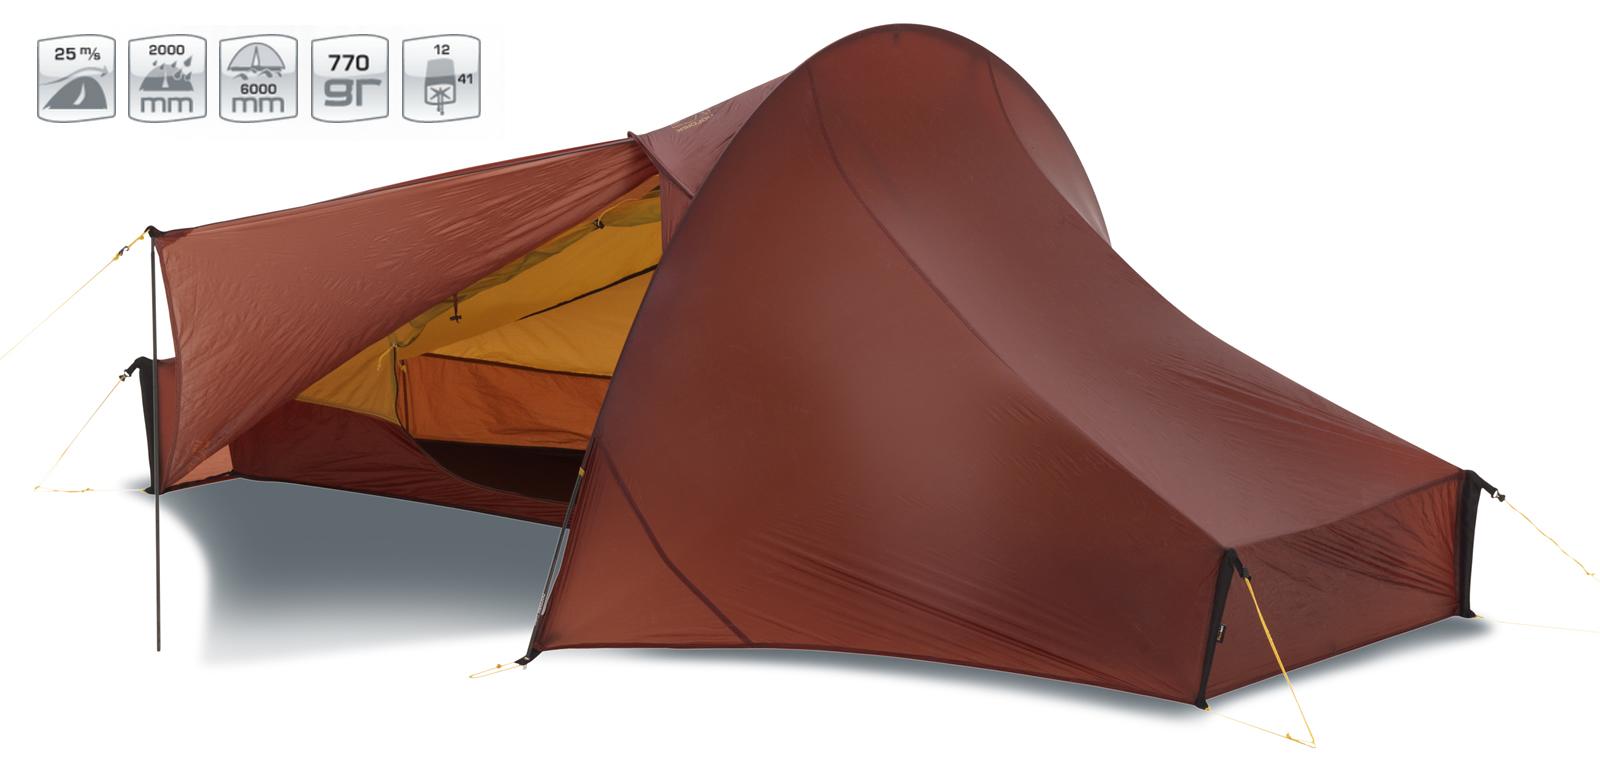 【国内正規品】NORDISK テント Telemark 1 ULW (テレマーク1 ULW) レッド [151011]【送料無料/代引き無料】(ノルディスク テント 1人用 red ティーレマルク)(アウトドア用品 キャンプ用品 キャンプテント アウトドア【k【SUMMER_D